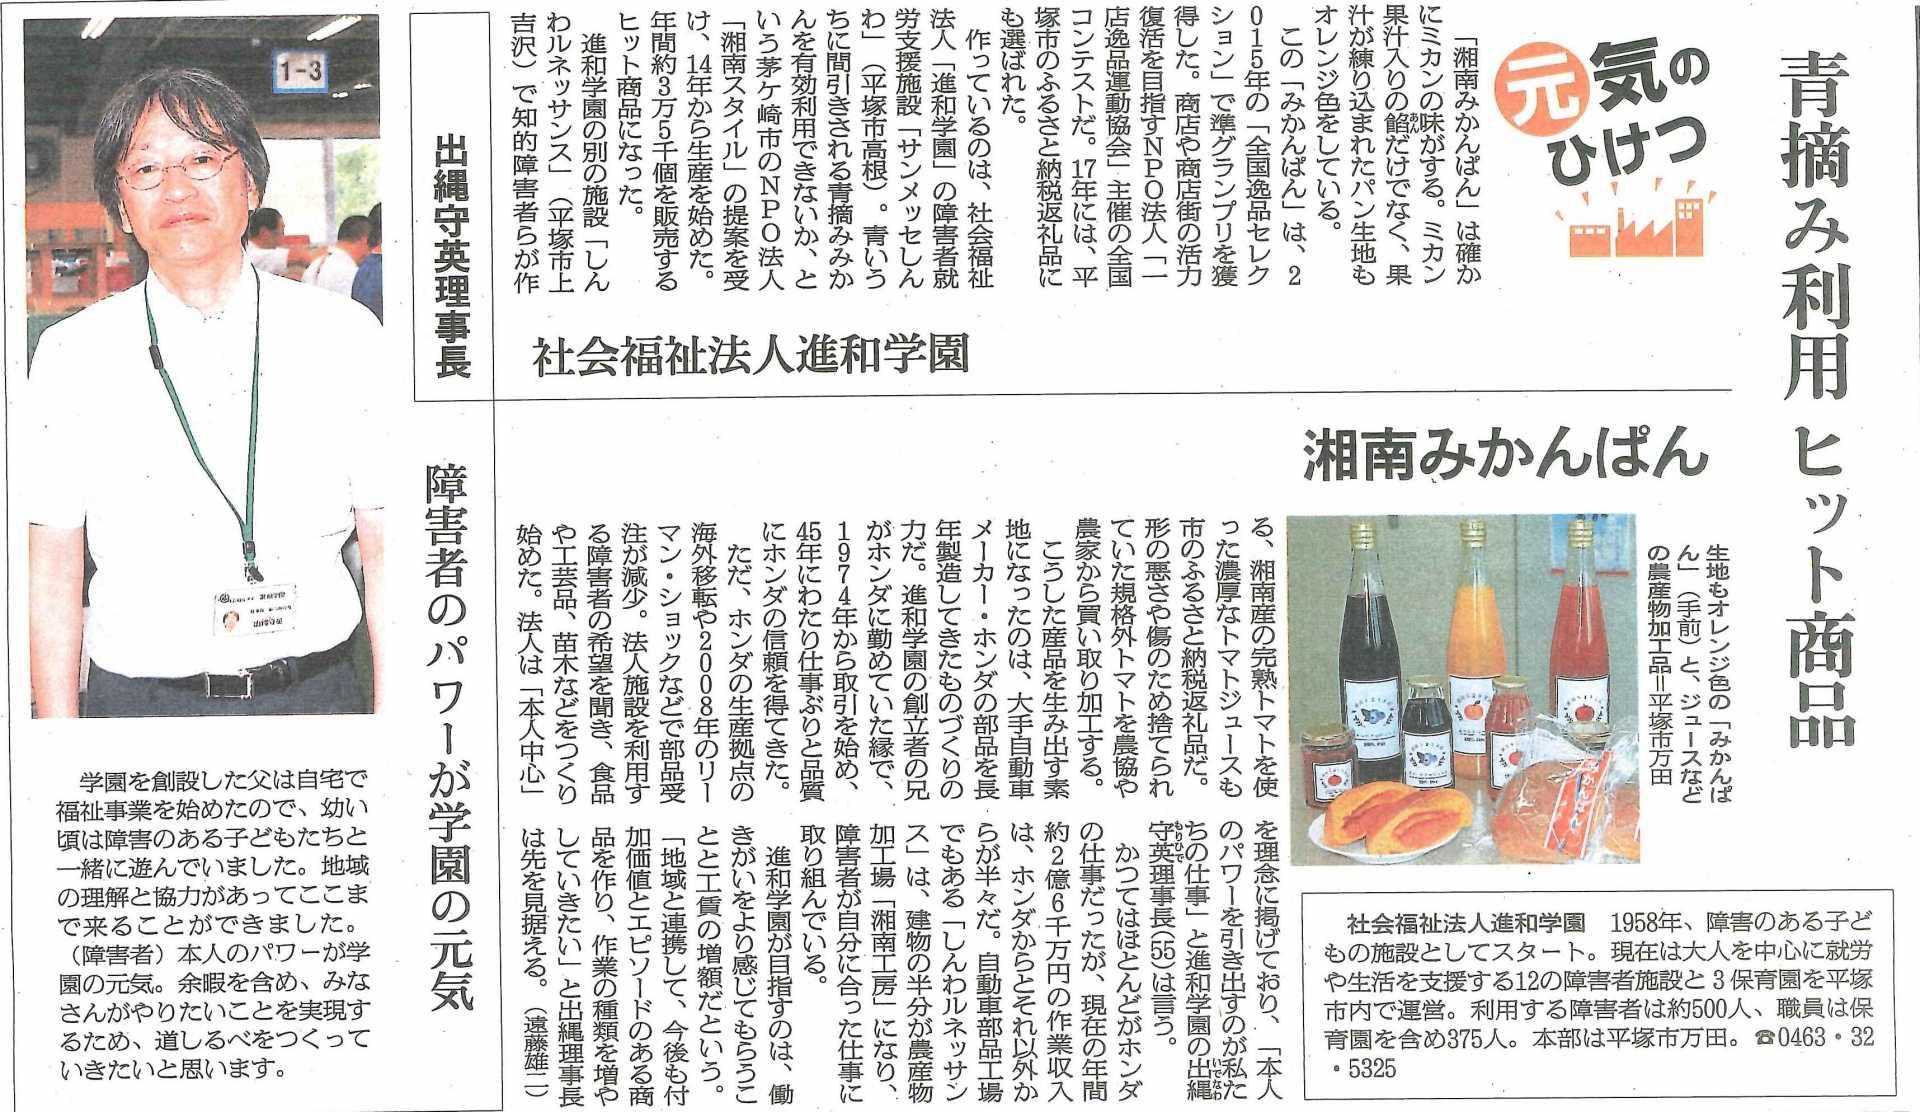 朝日新聞に湘南みかんぱん~青摘み利用ヒット商品~が紹介されました!